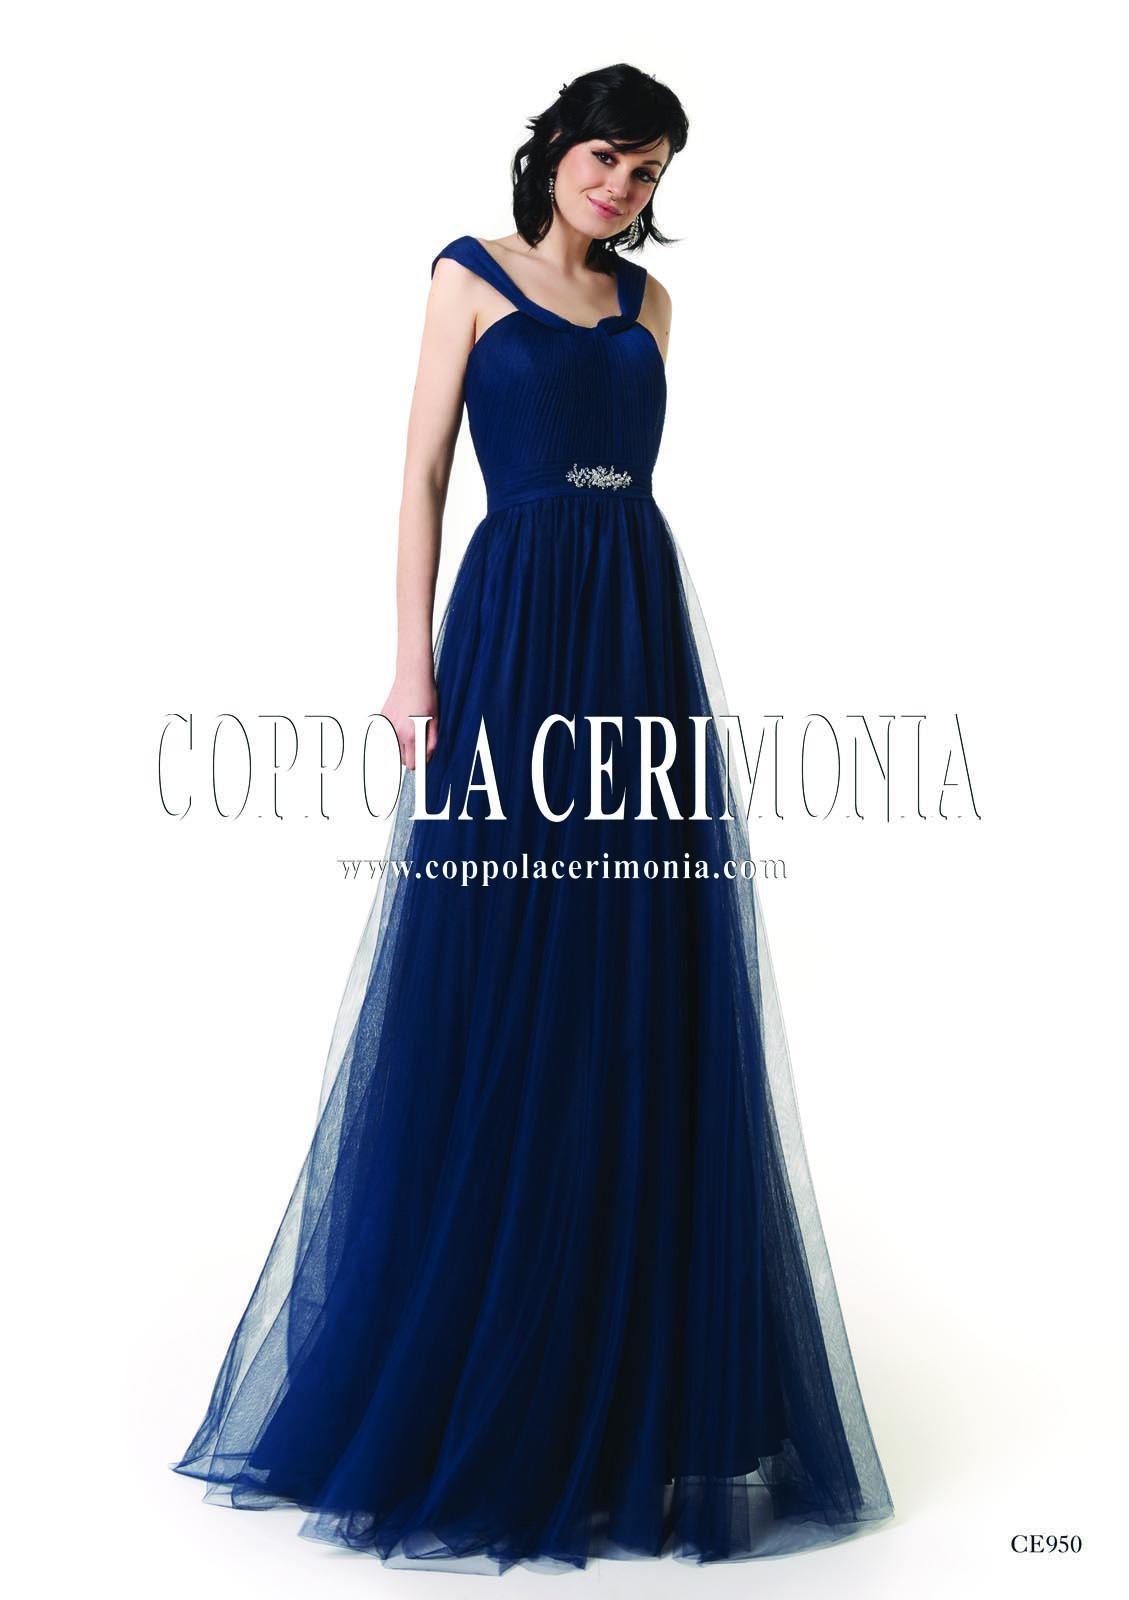 huge selection of 55f05 c2dac Abiti Da 2019 Cerimonia Roma Donna Coppola 35Lcq4AjR